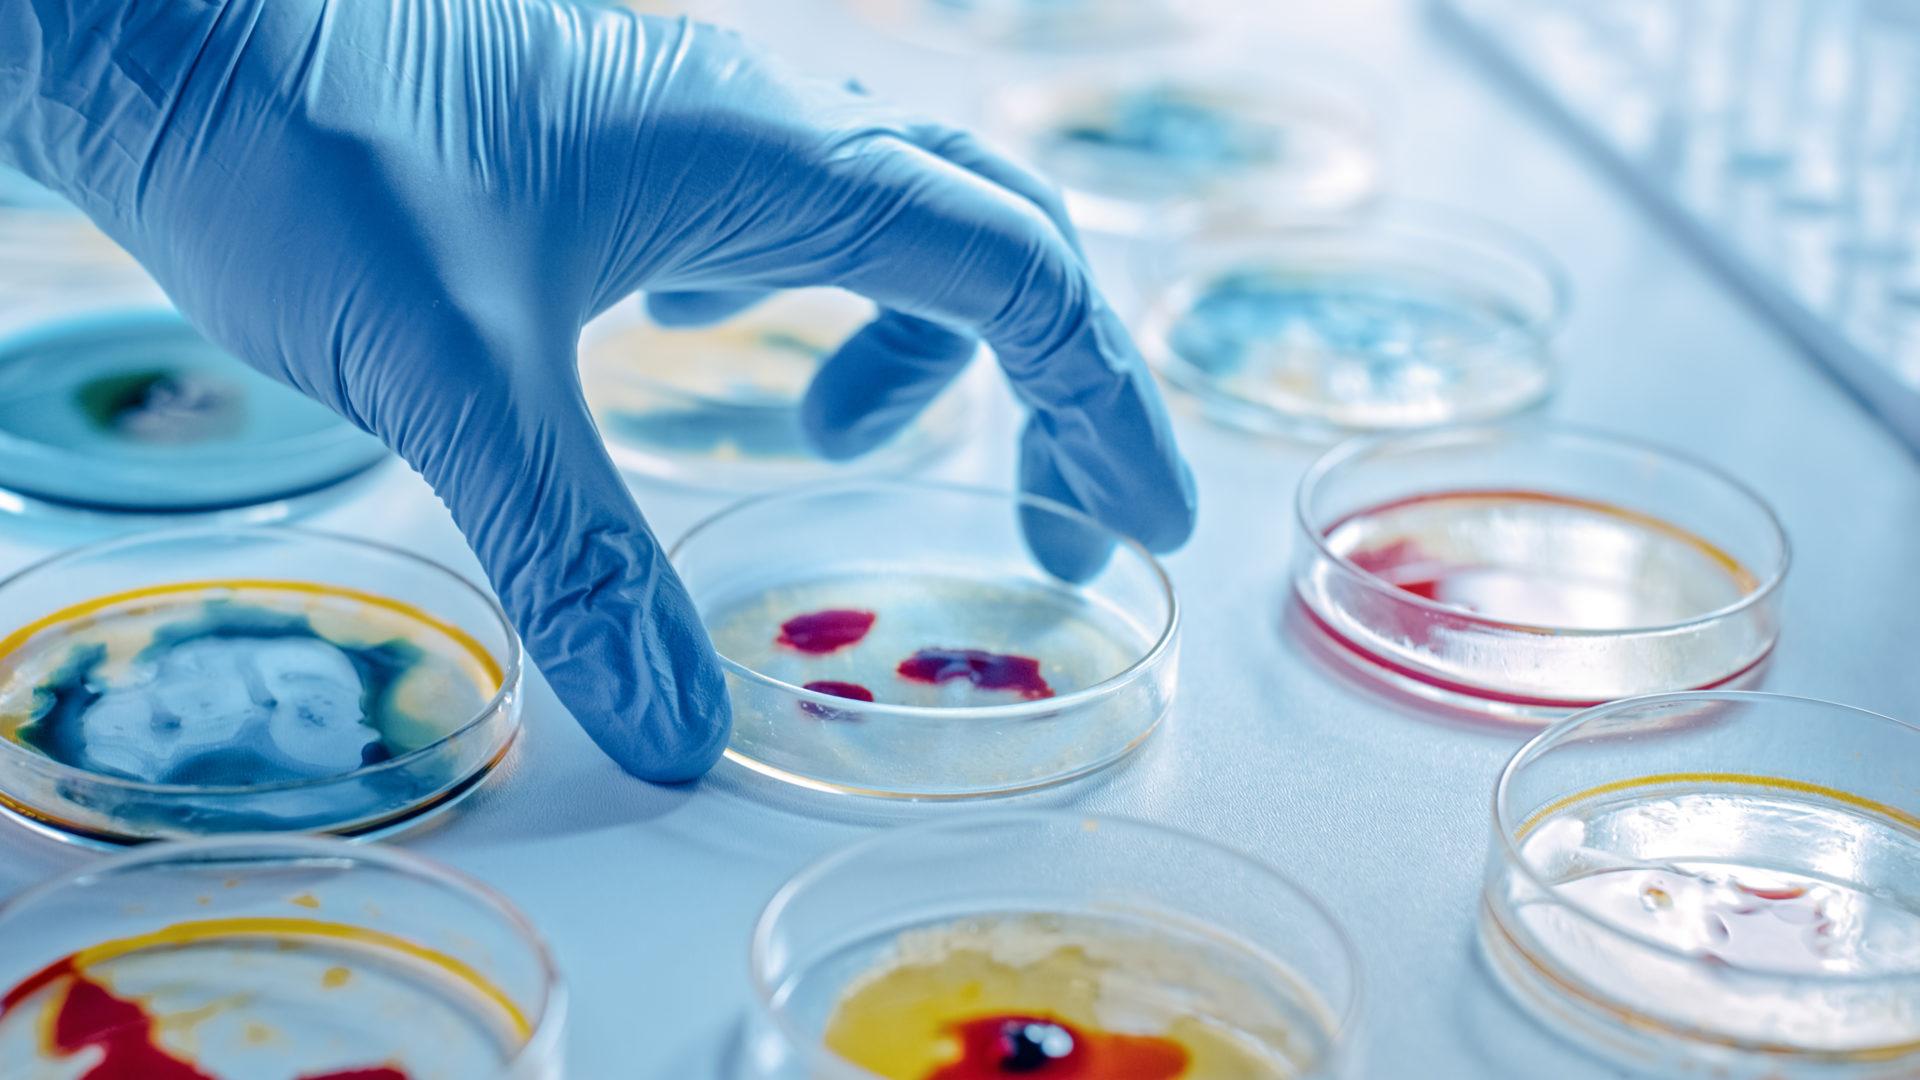 La investigación científica resulta fundamental frente a las enfermedades raras